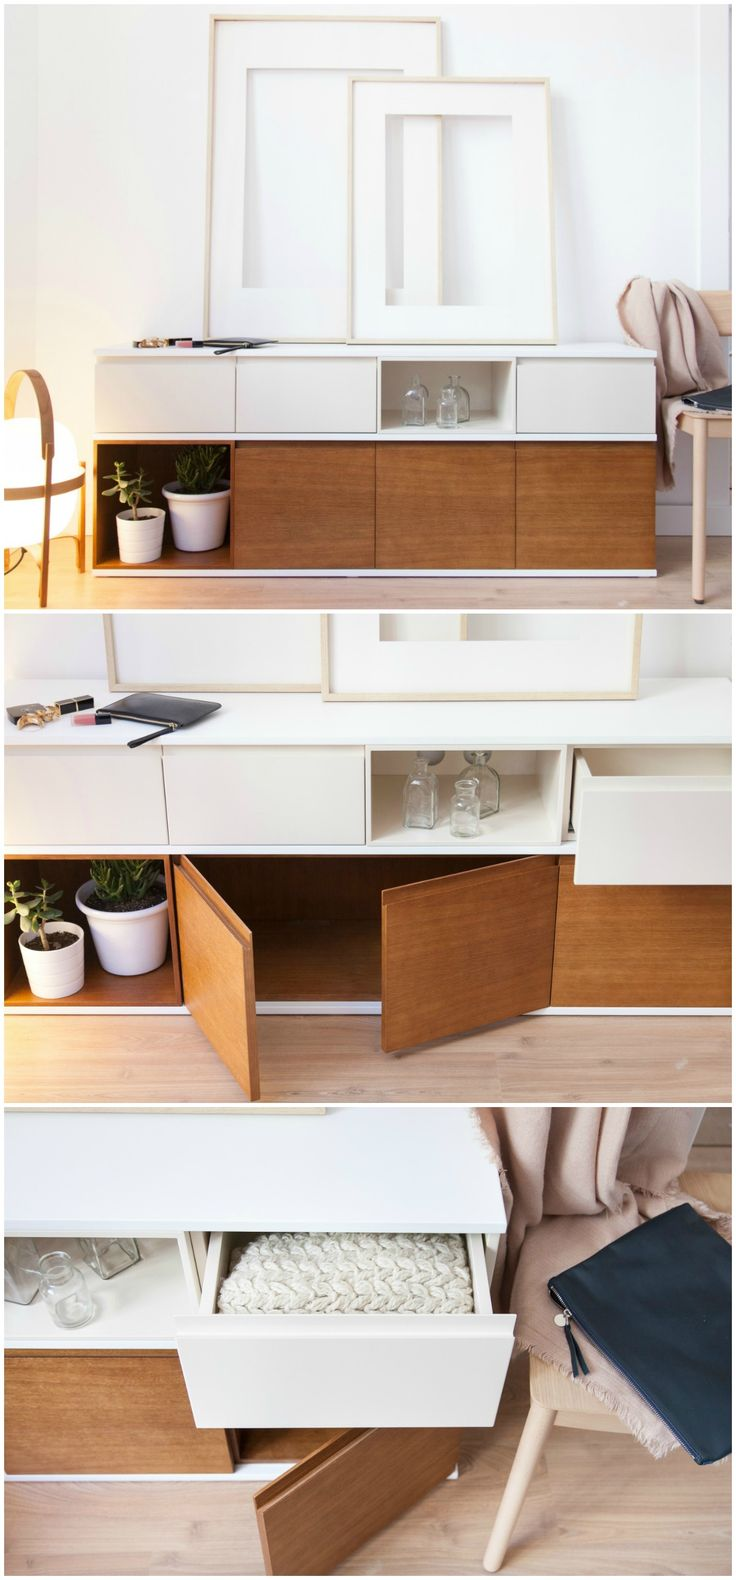 Las 25 mejores ideas sobre muebles minimalistas en - Muebles serafin la carlota ...